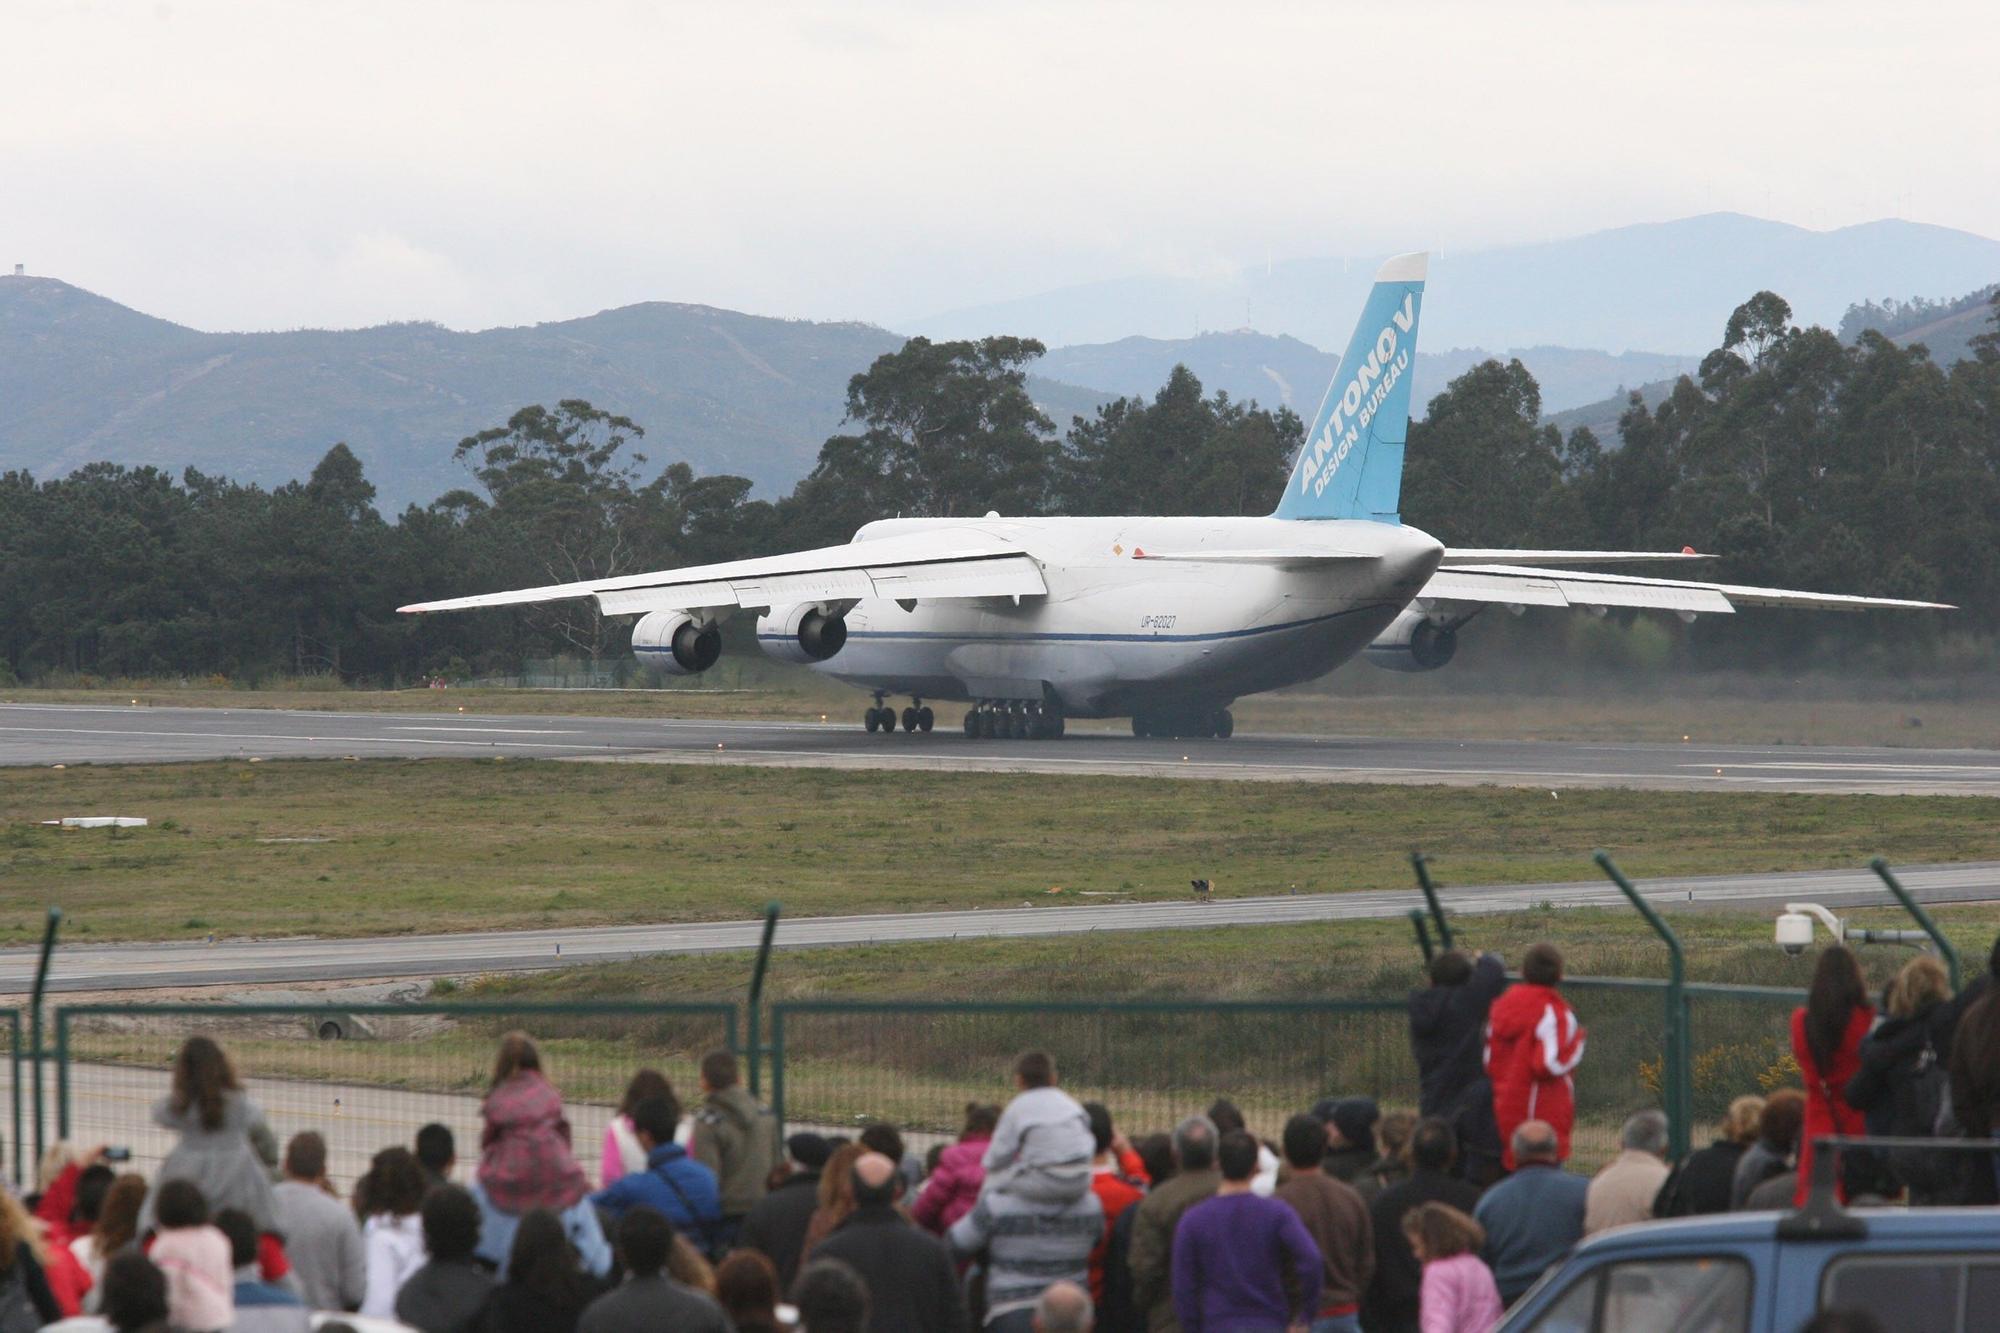 El carguero Antonov 124 operó varias veces en Peinador entre marzo y abril de 2011. // De Arcos